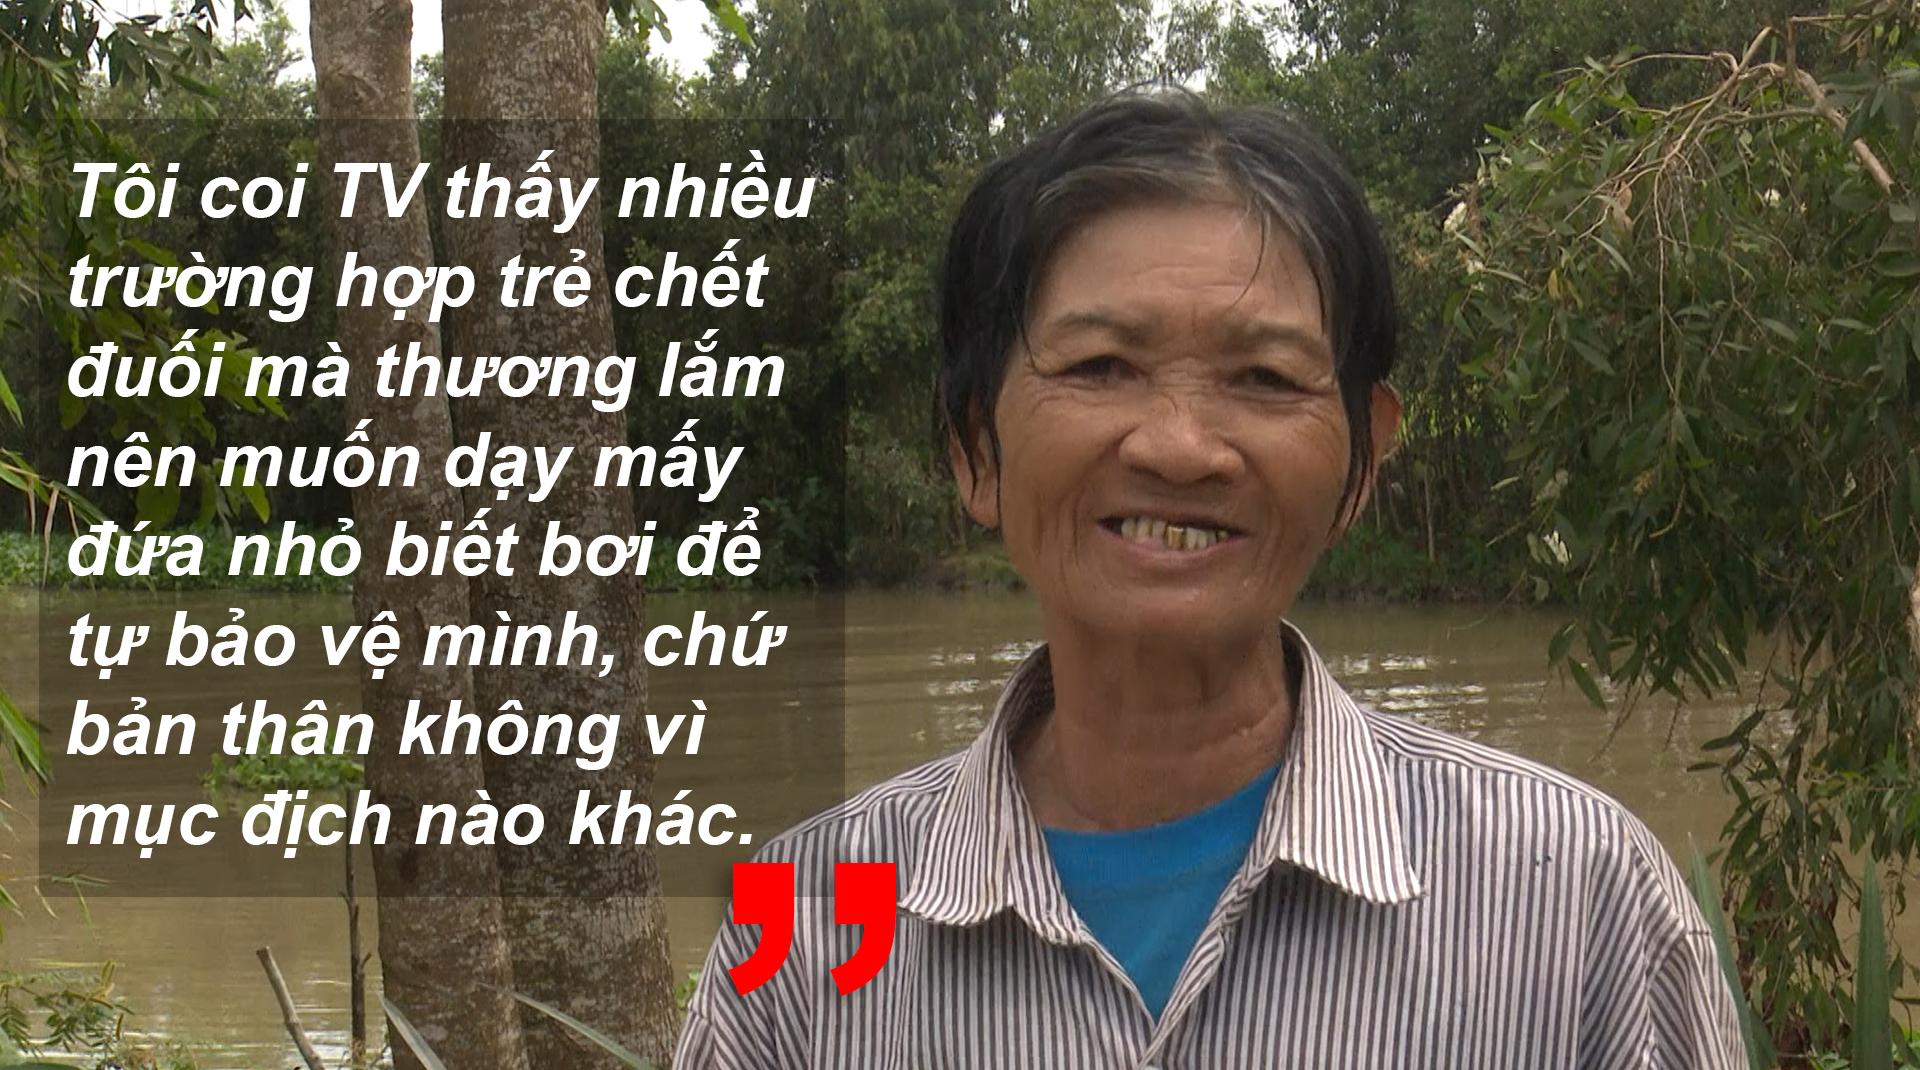 [eMagazine] Bà Sáu Thia - người phụ nữ truyền cảm hứng - Ảnh 9.